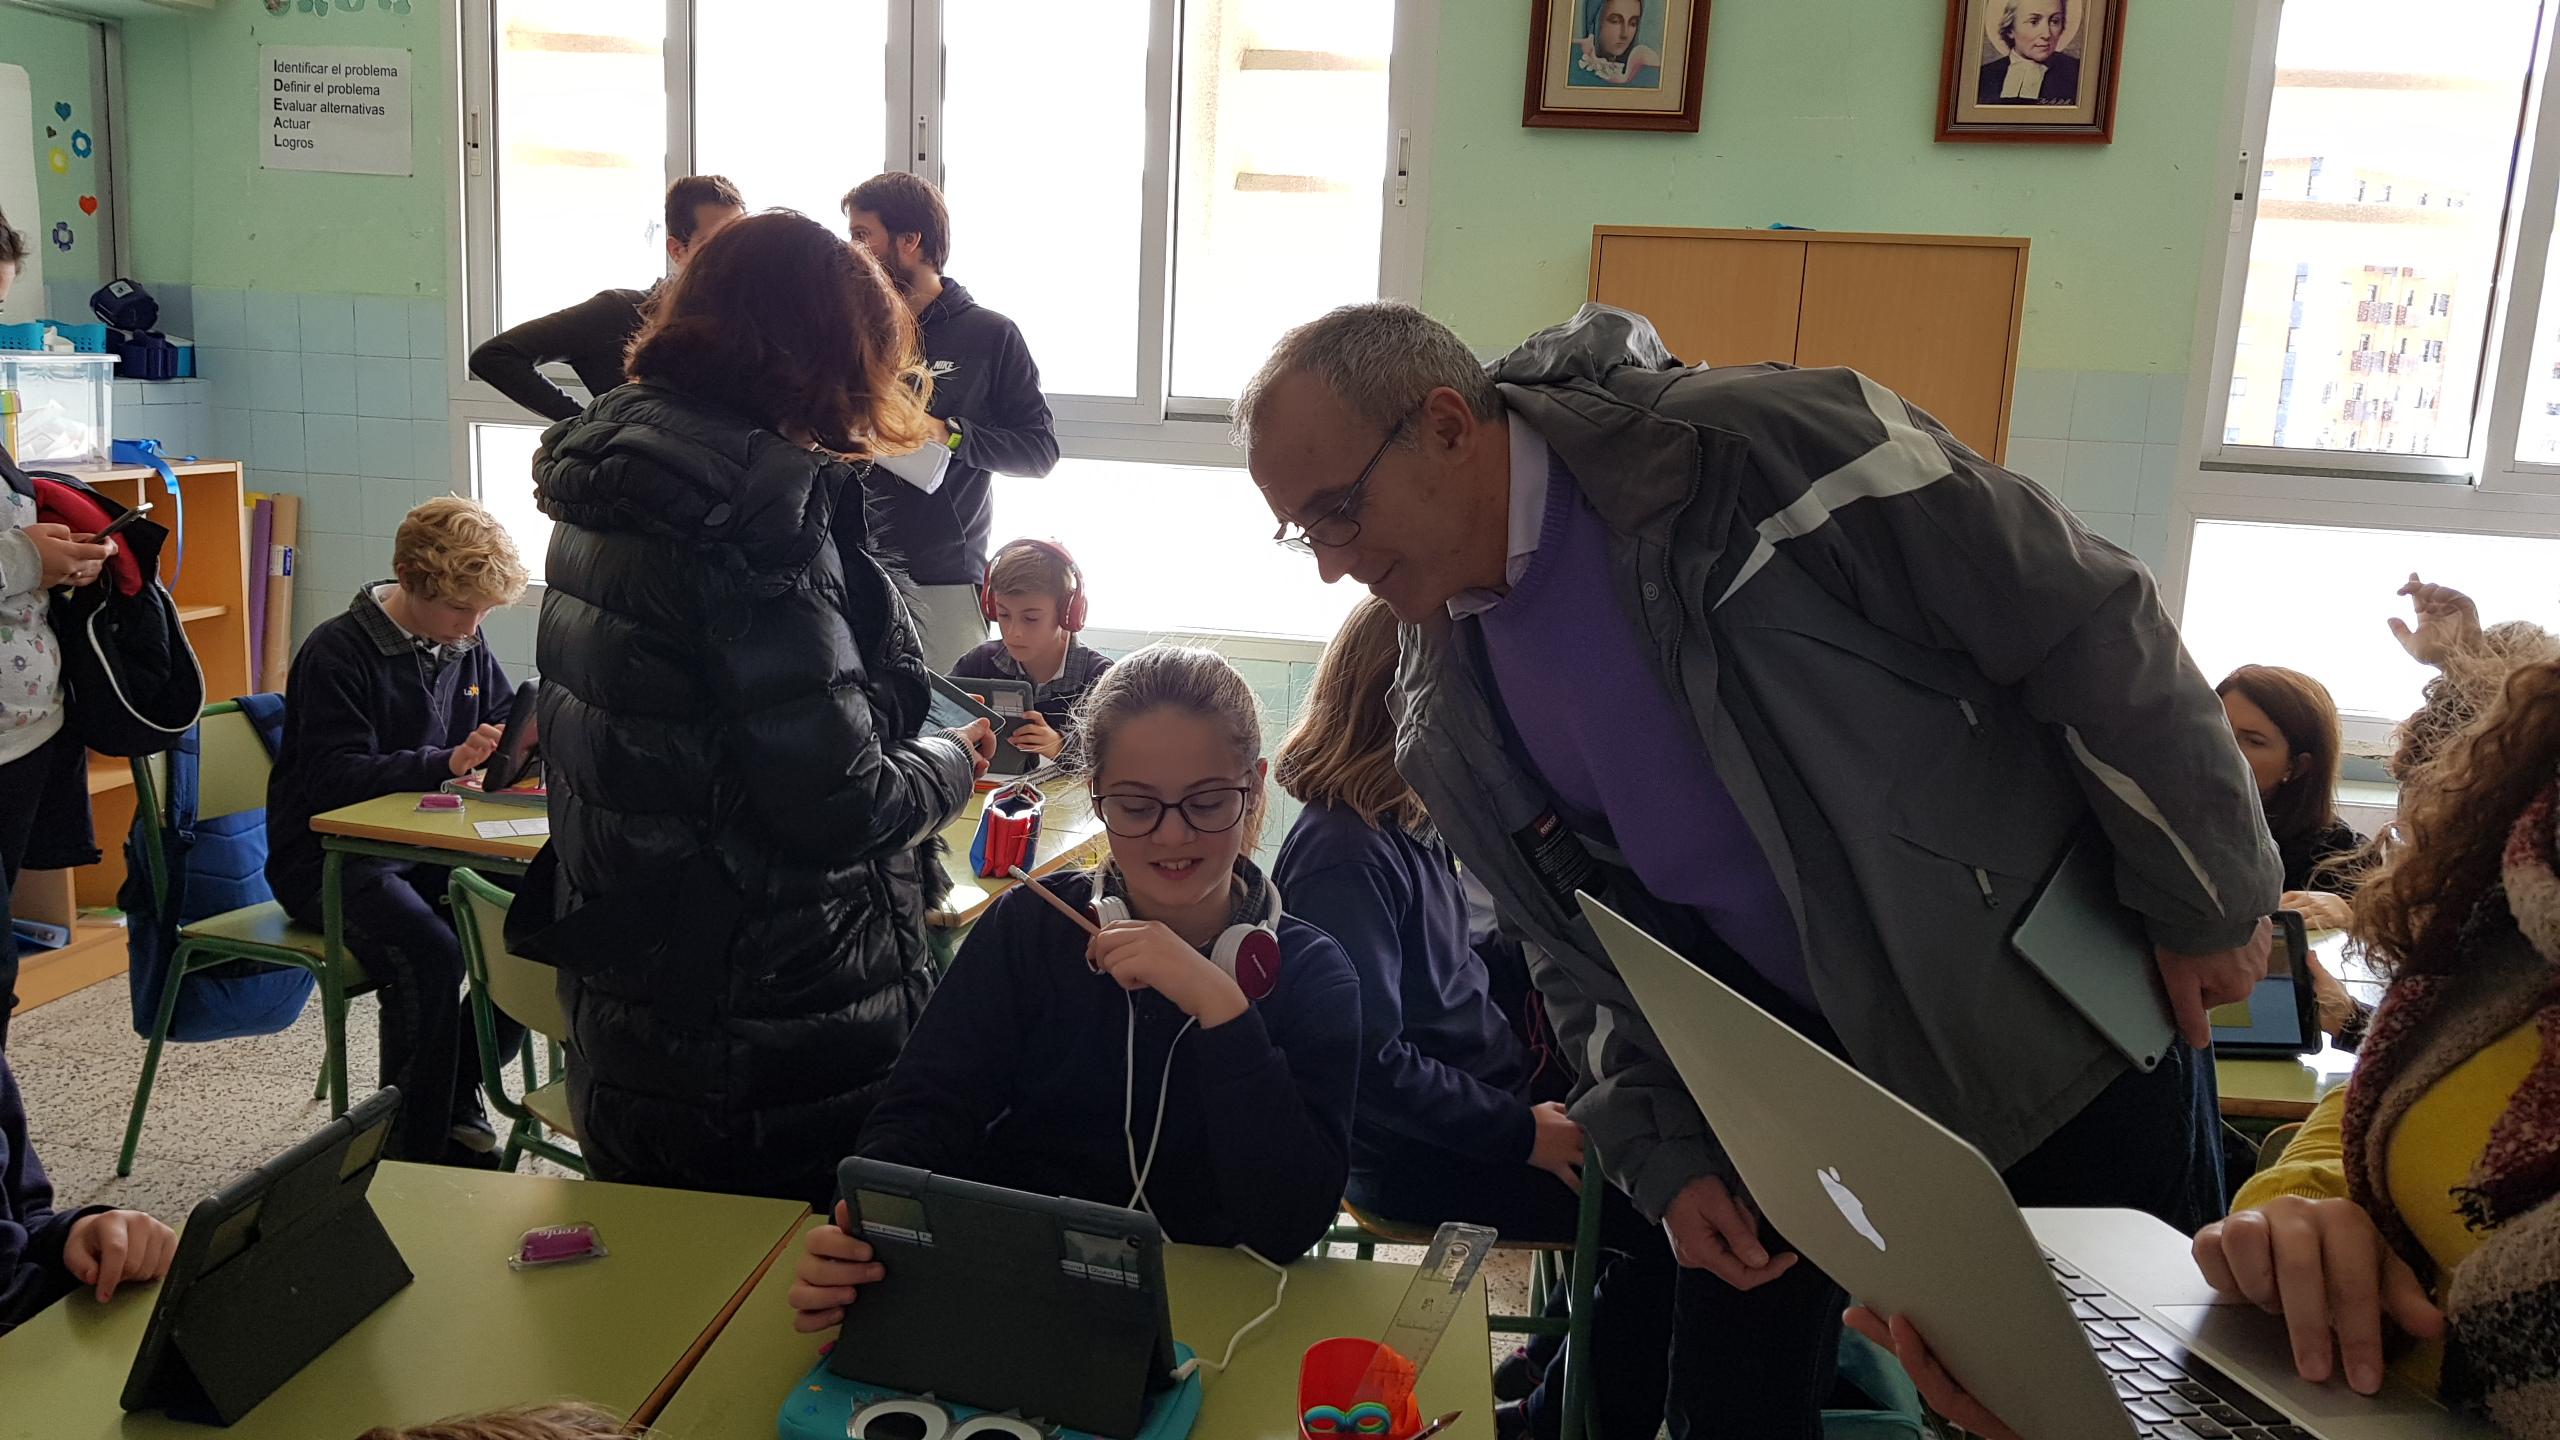 Profesores de varios centros La Salle visitan el colegio La Salle Alcoi para conocer sus buenas prácticas en aprendizaje cooperativo